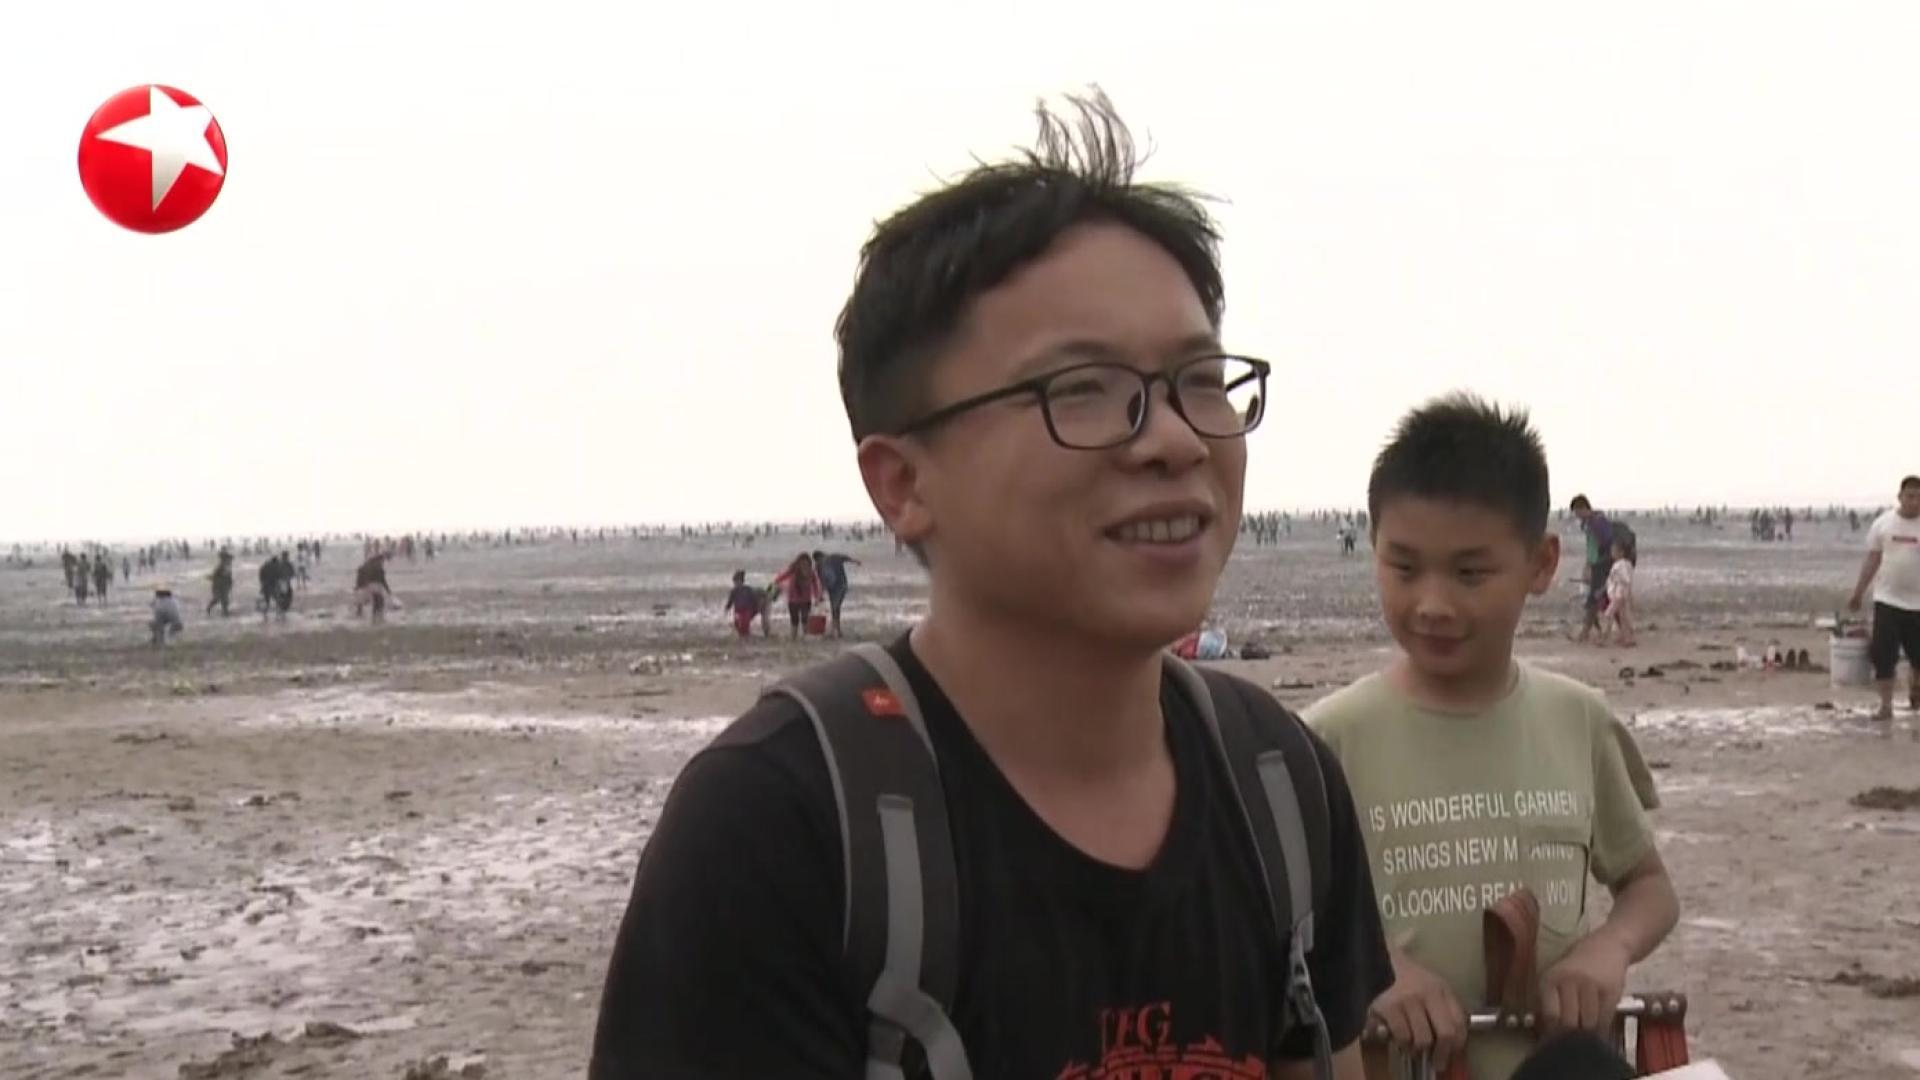 天津:近海滩涂遭采挖  环保人士疾呼保护遗鸥口粮